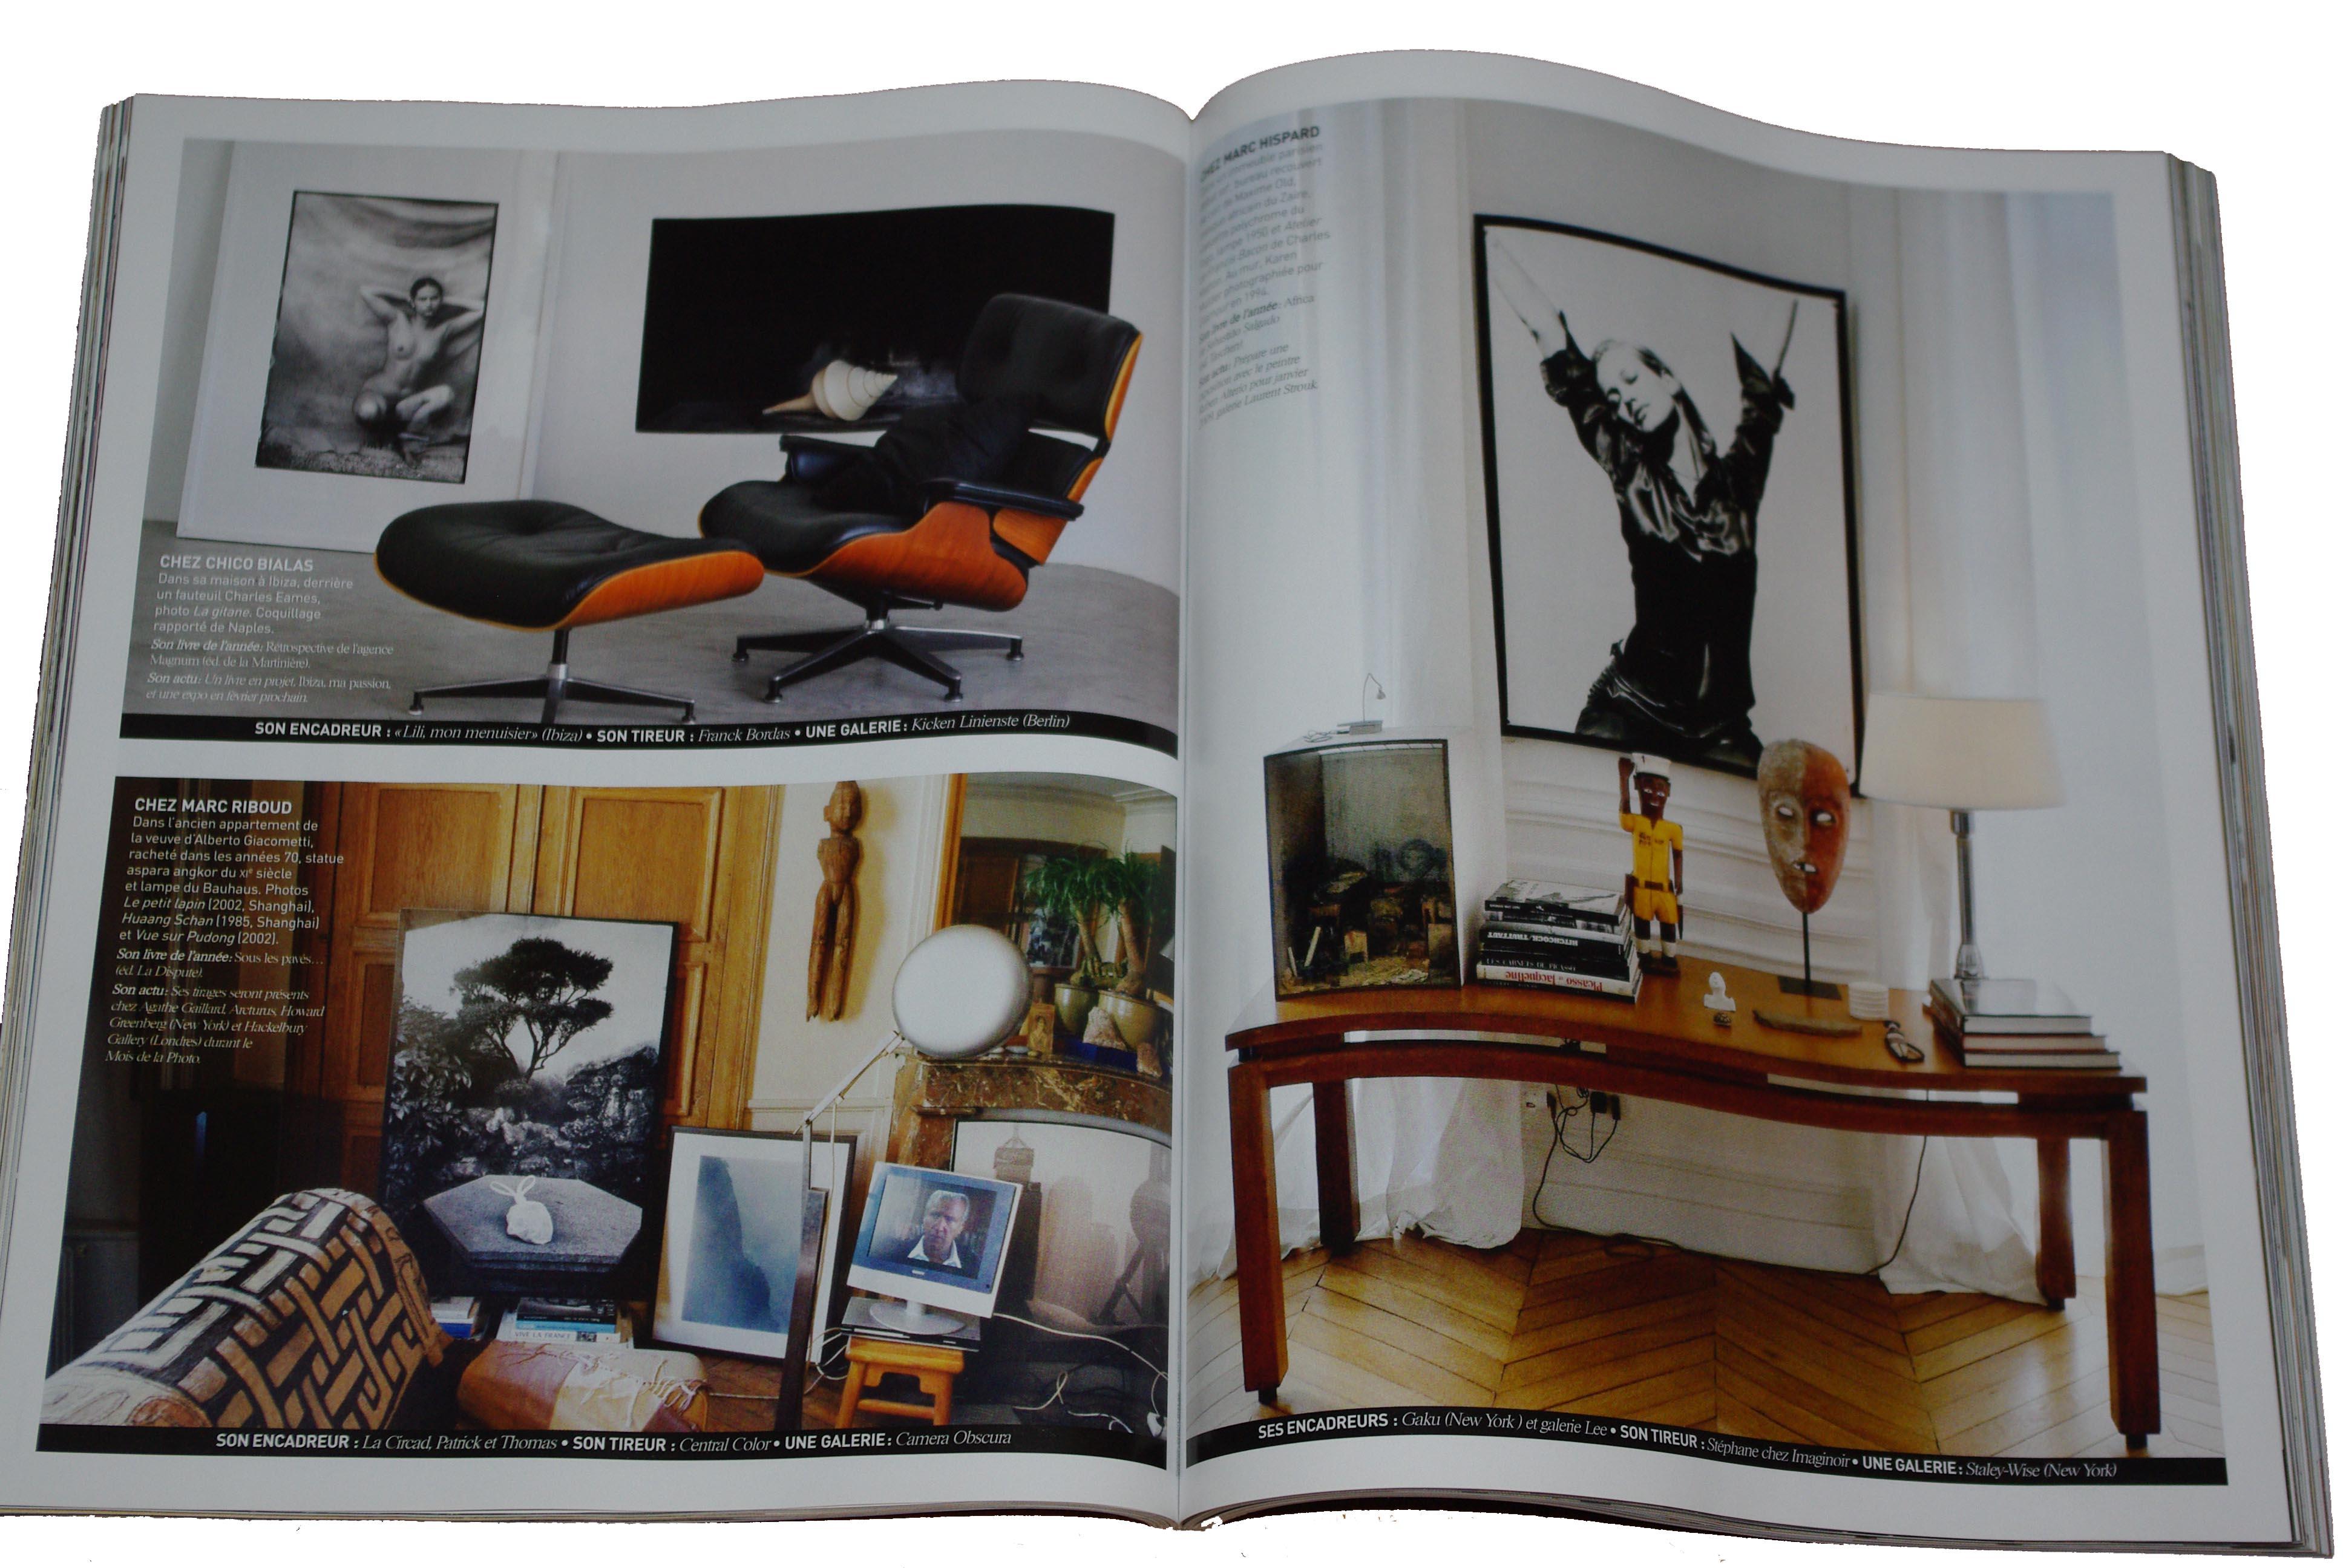 maison francaise p122 1231 Comment les photographes accrochent leurs photos chez eux ?